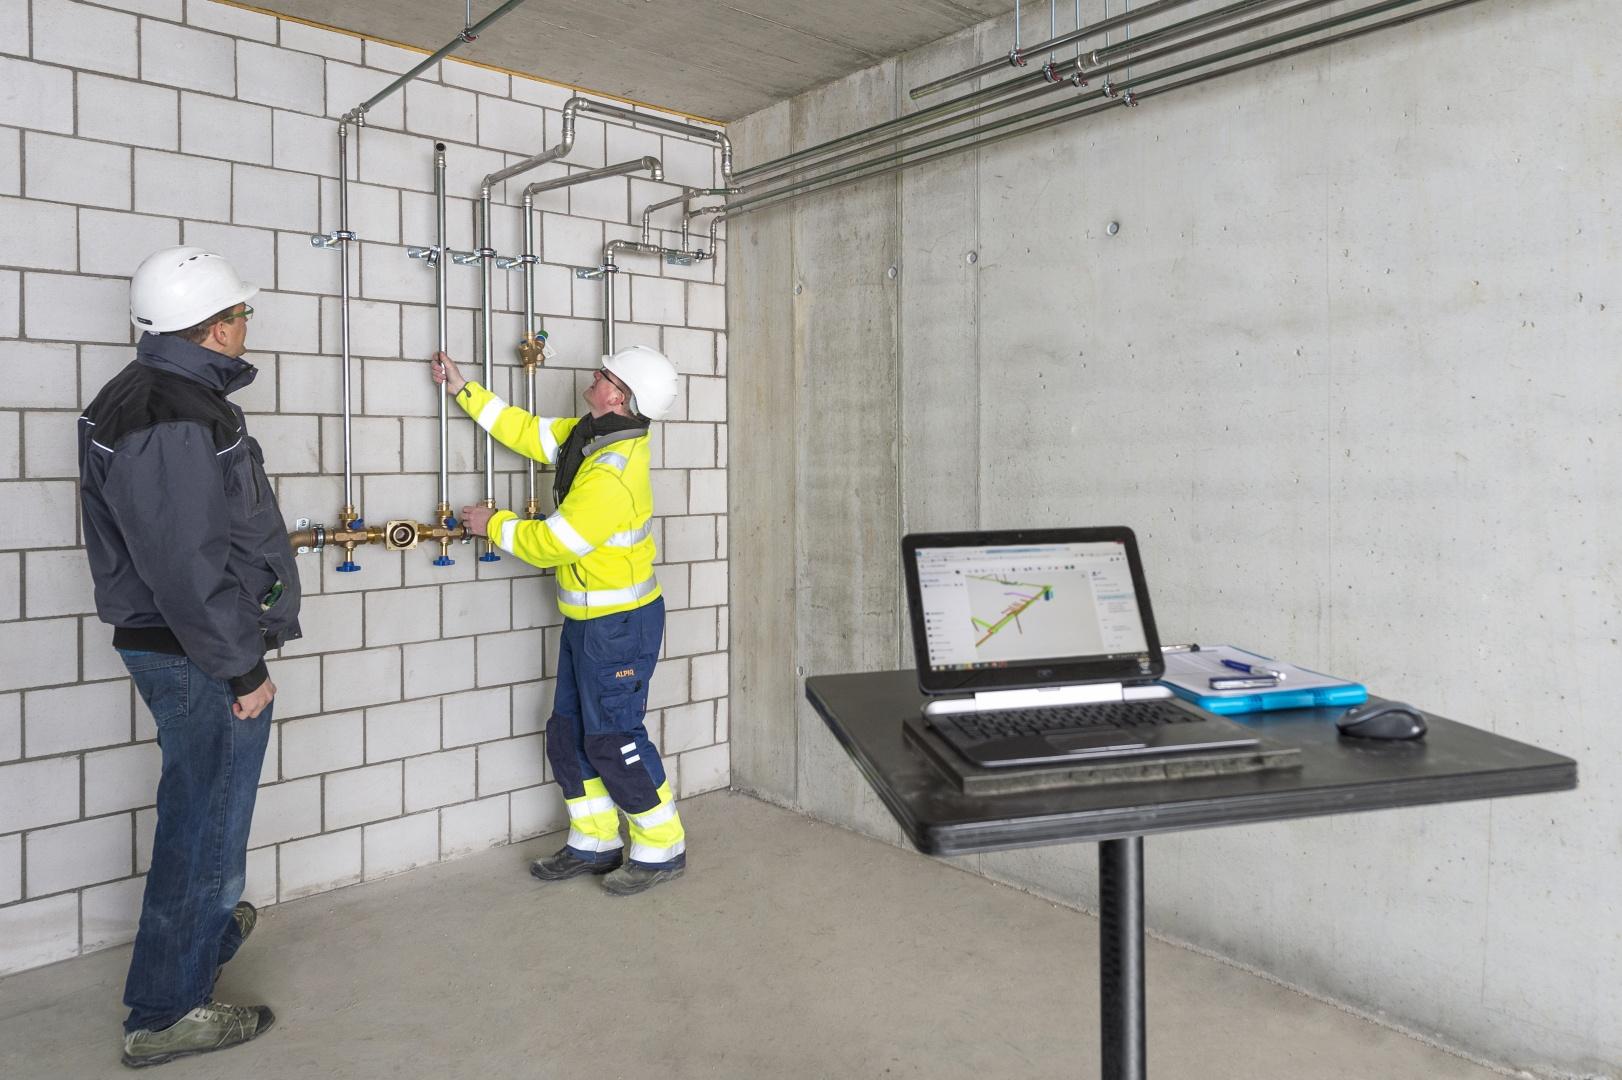 Rohrleitungsmontagen nach digitalem z-Mass Prozess © Alpiq InTec Schweiz AG, Webereiweg 6, 4802 Strengelbach